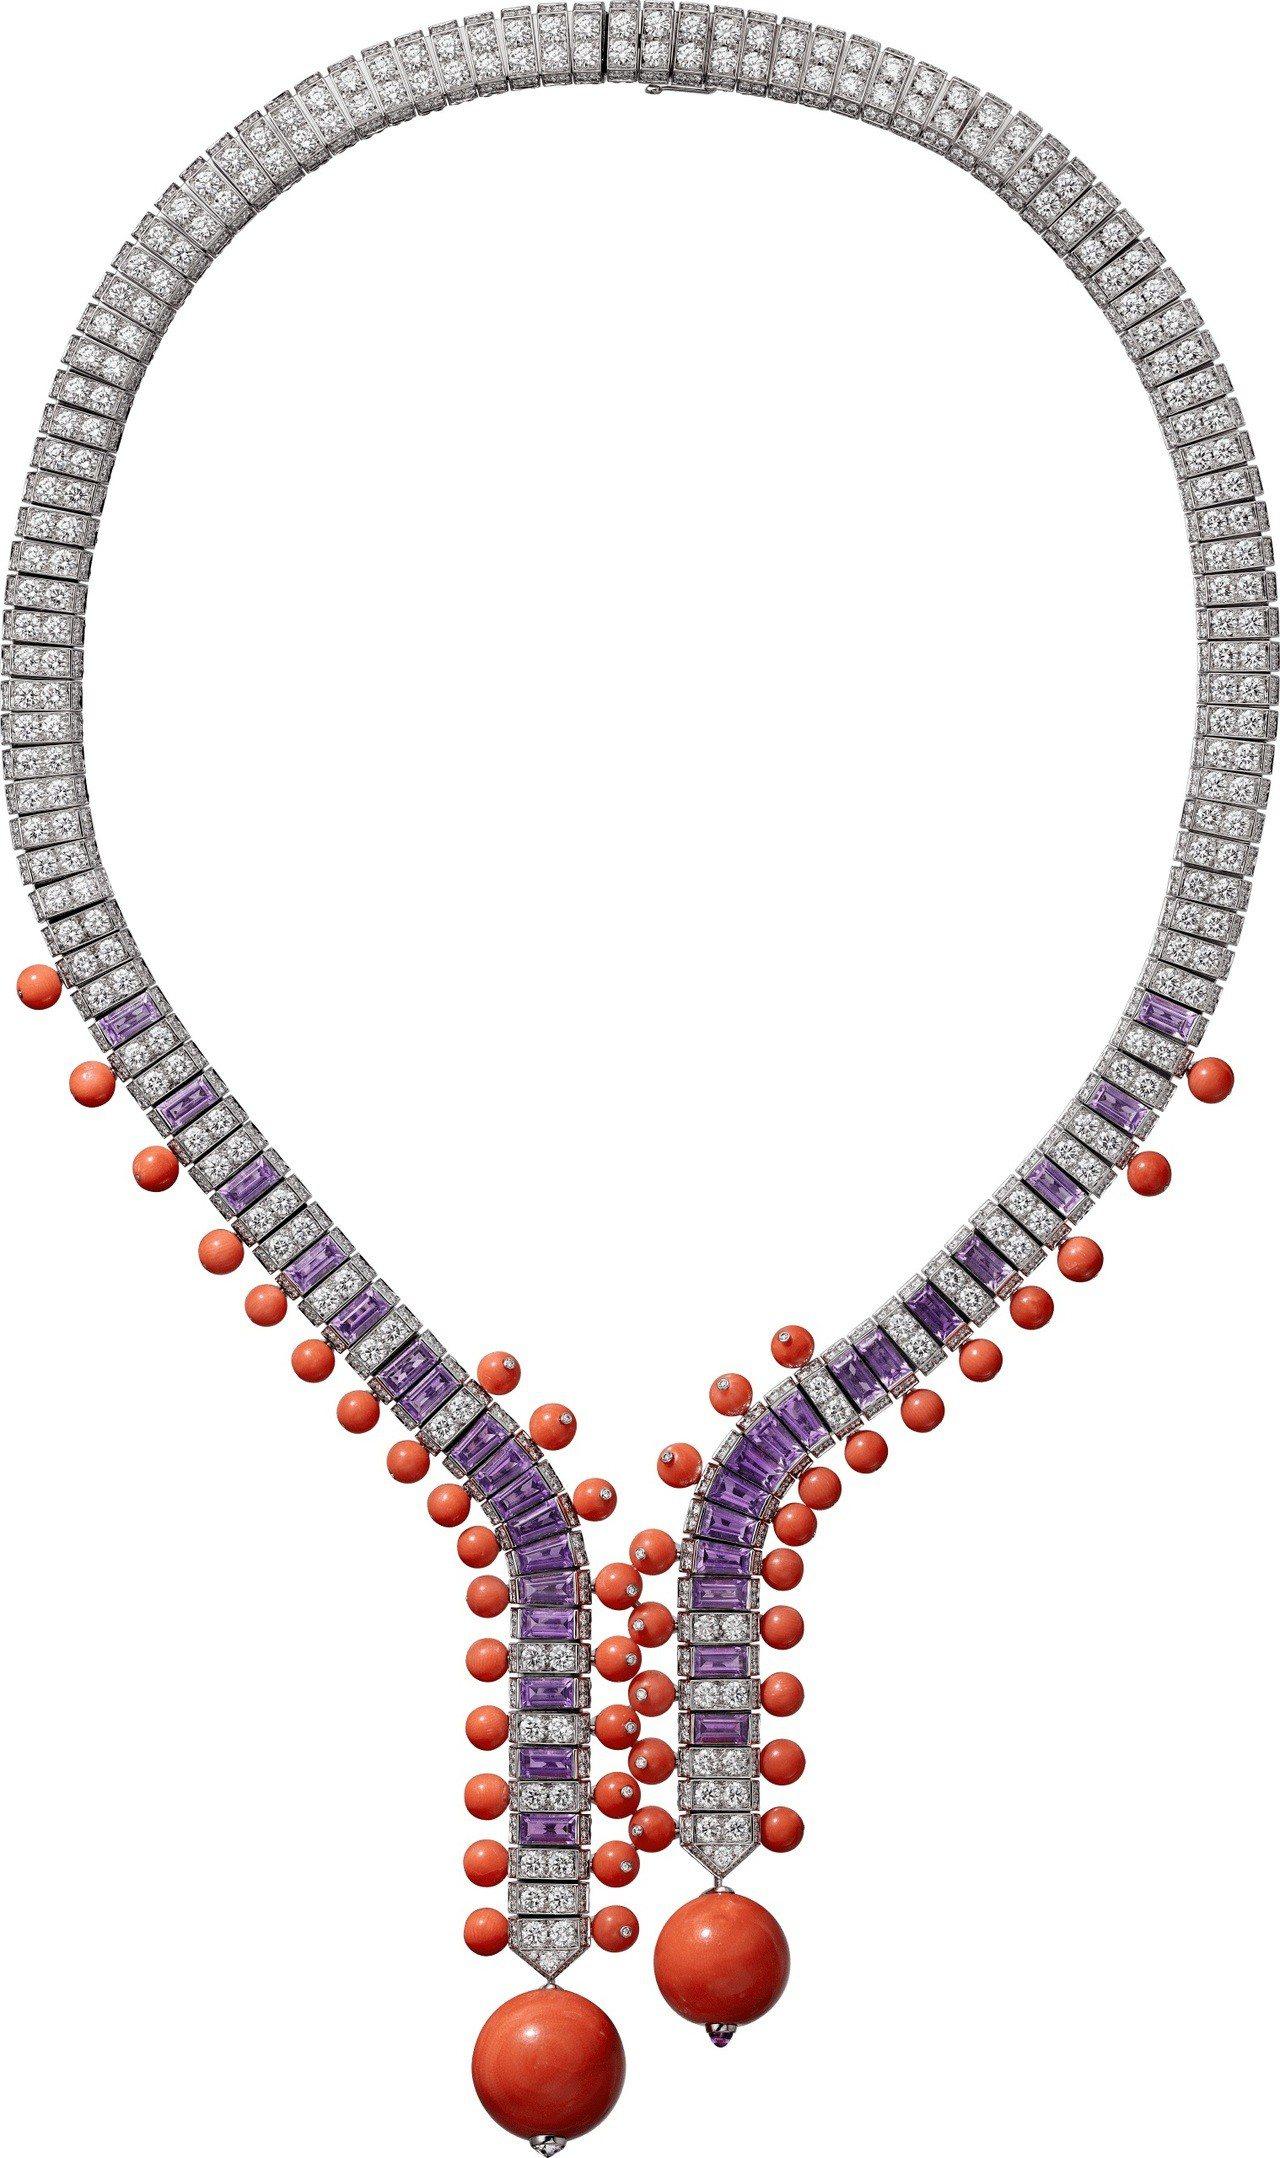 OSTINATO項鍊,白K金,兩顆總重 47.35 克拉的珊瑚珠,長方形和 凸圓...